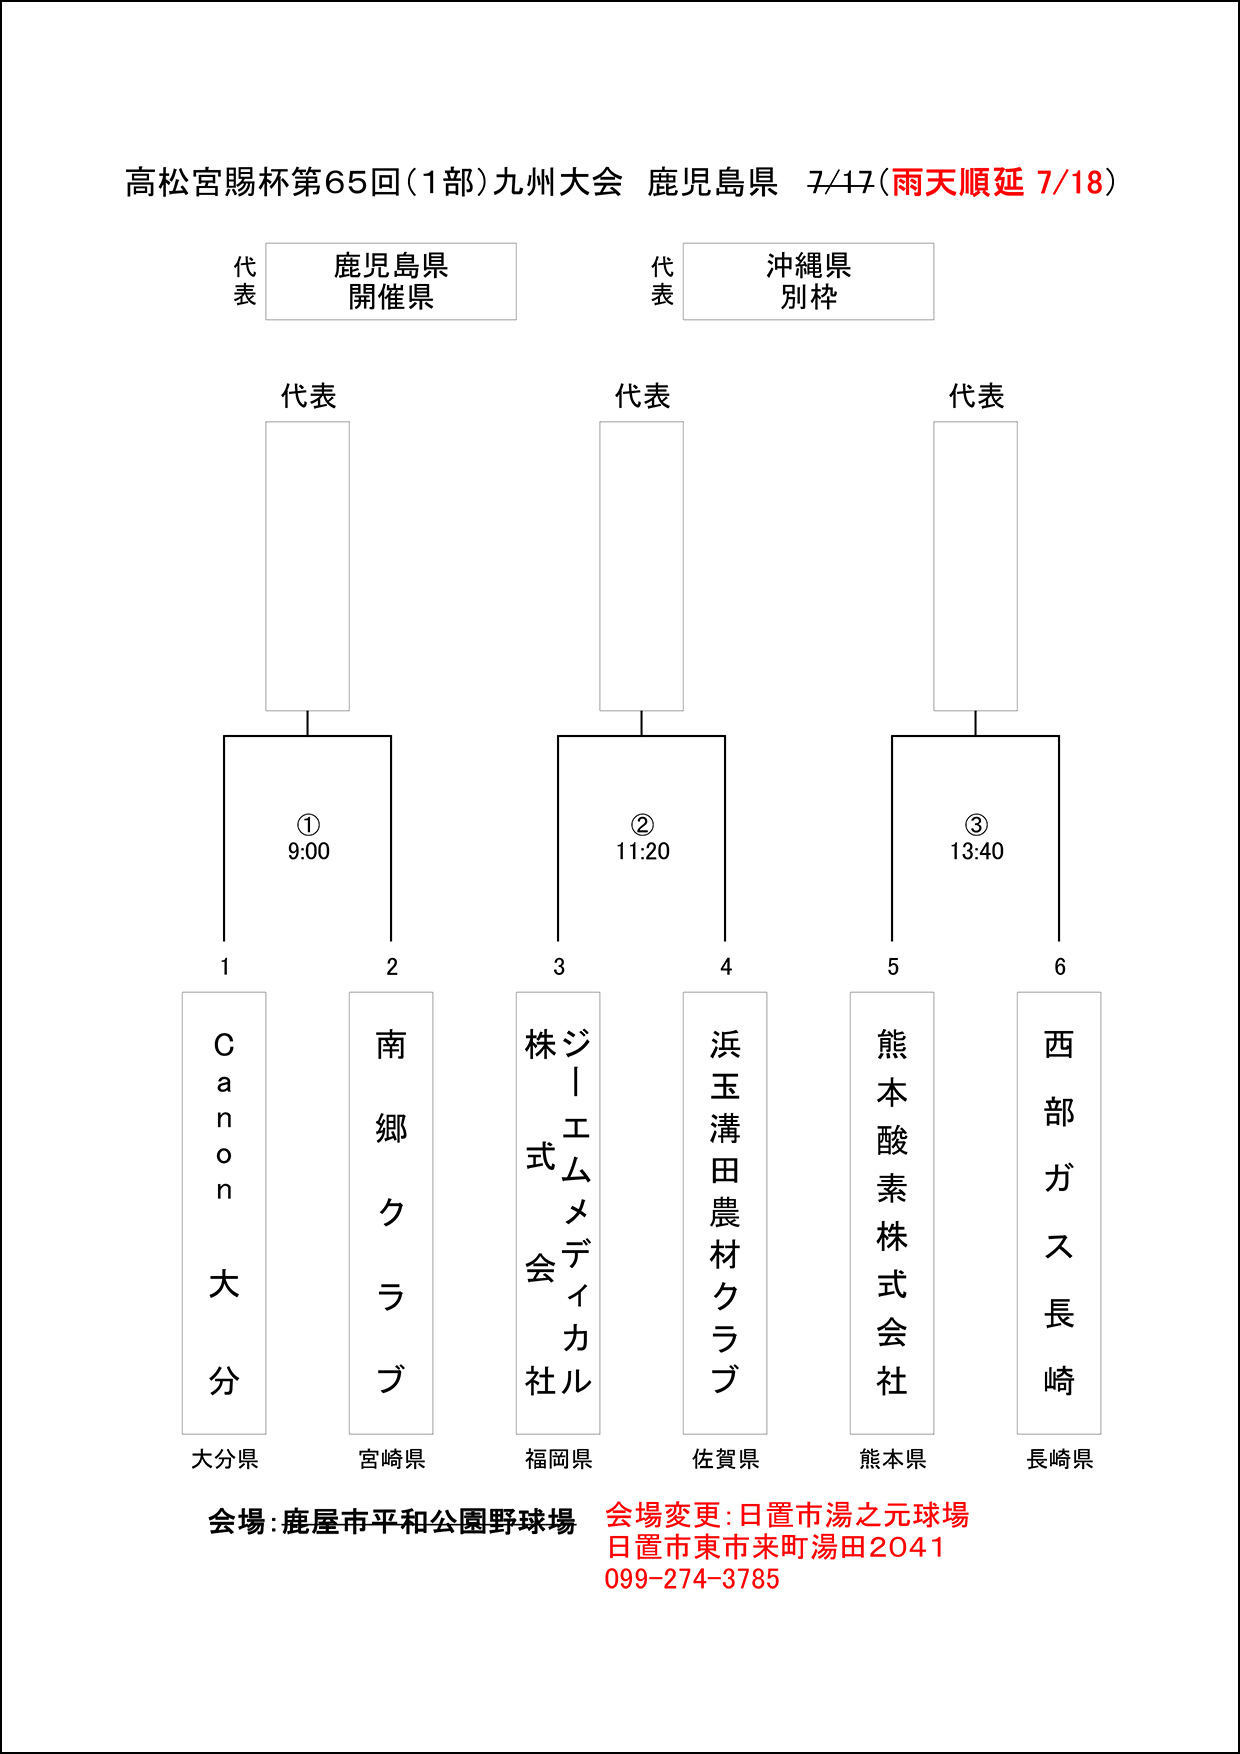 【雨天順延】高松宮賜杯九州大会(1部)組合せ表(最終)